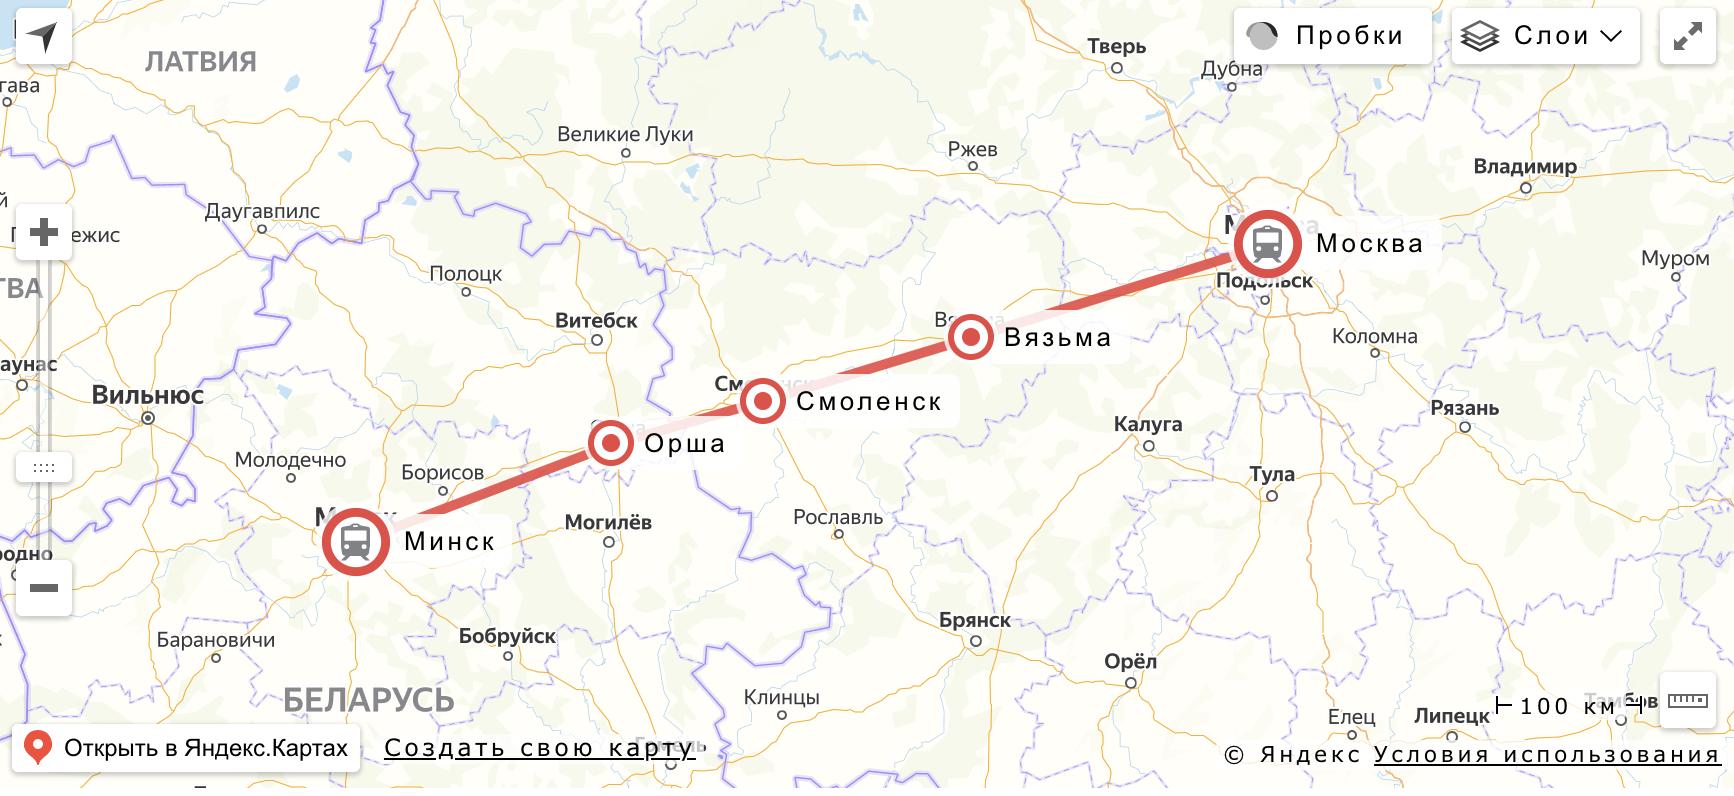 """Маршрут поезда """"Ласточка"""" Москва - Минск"""